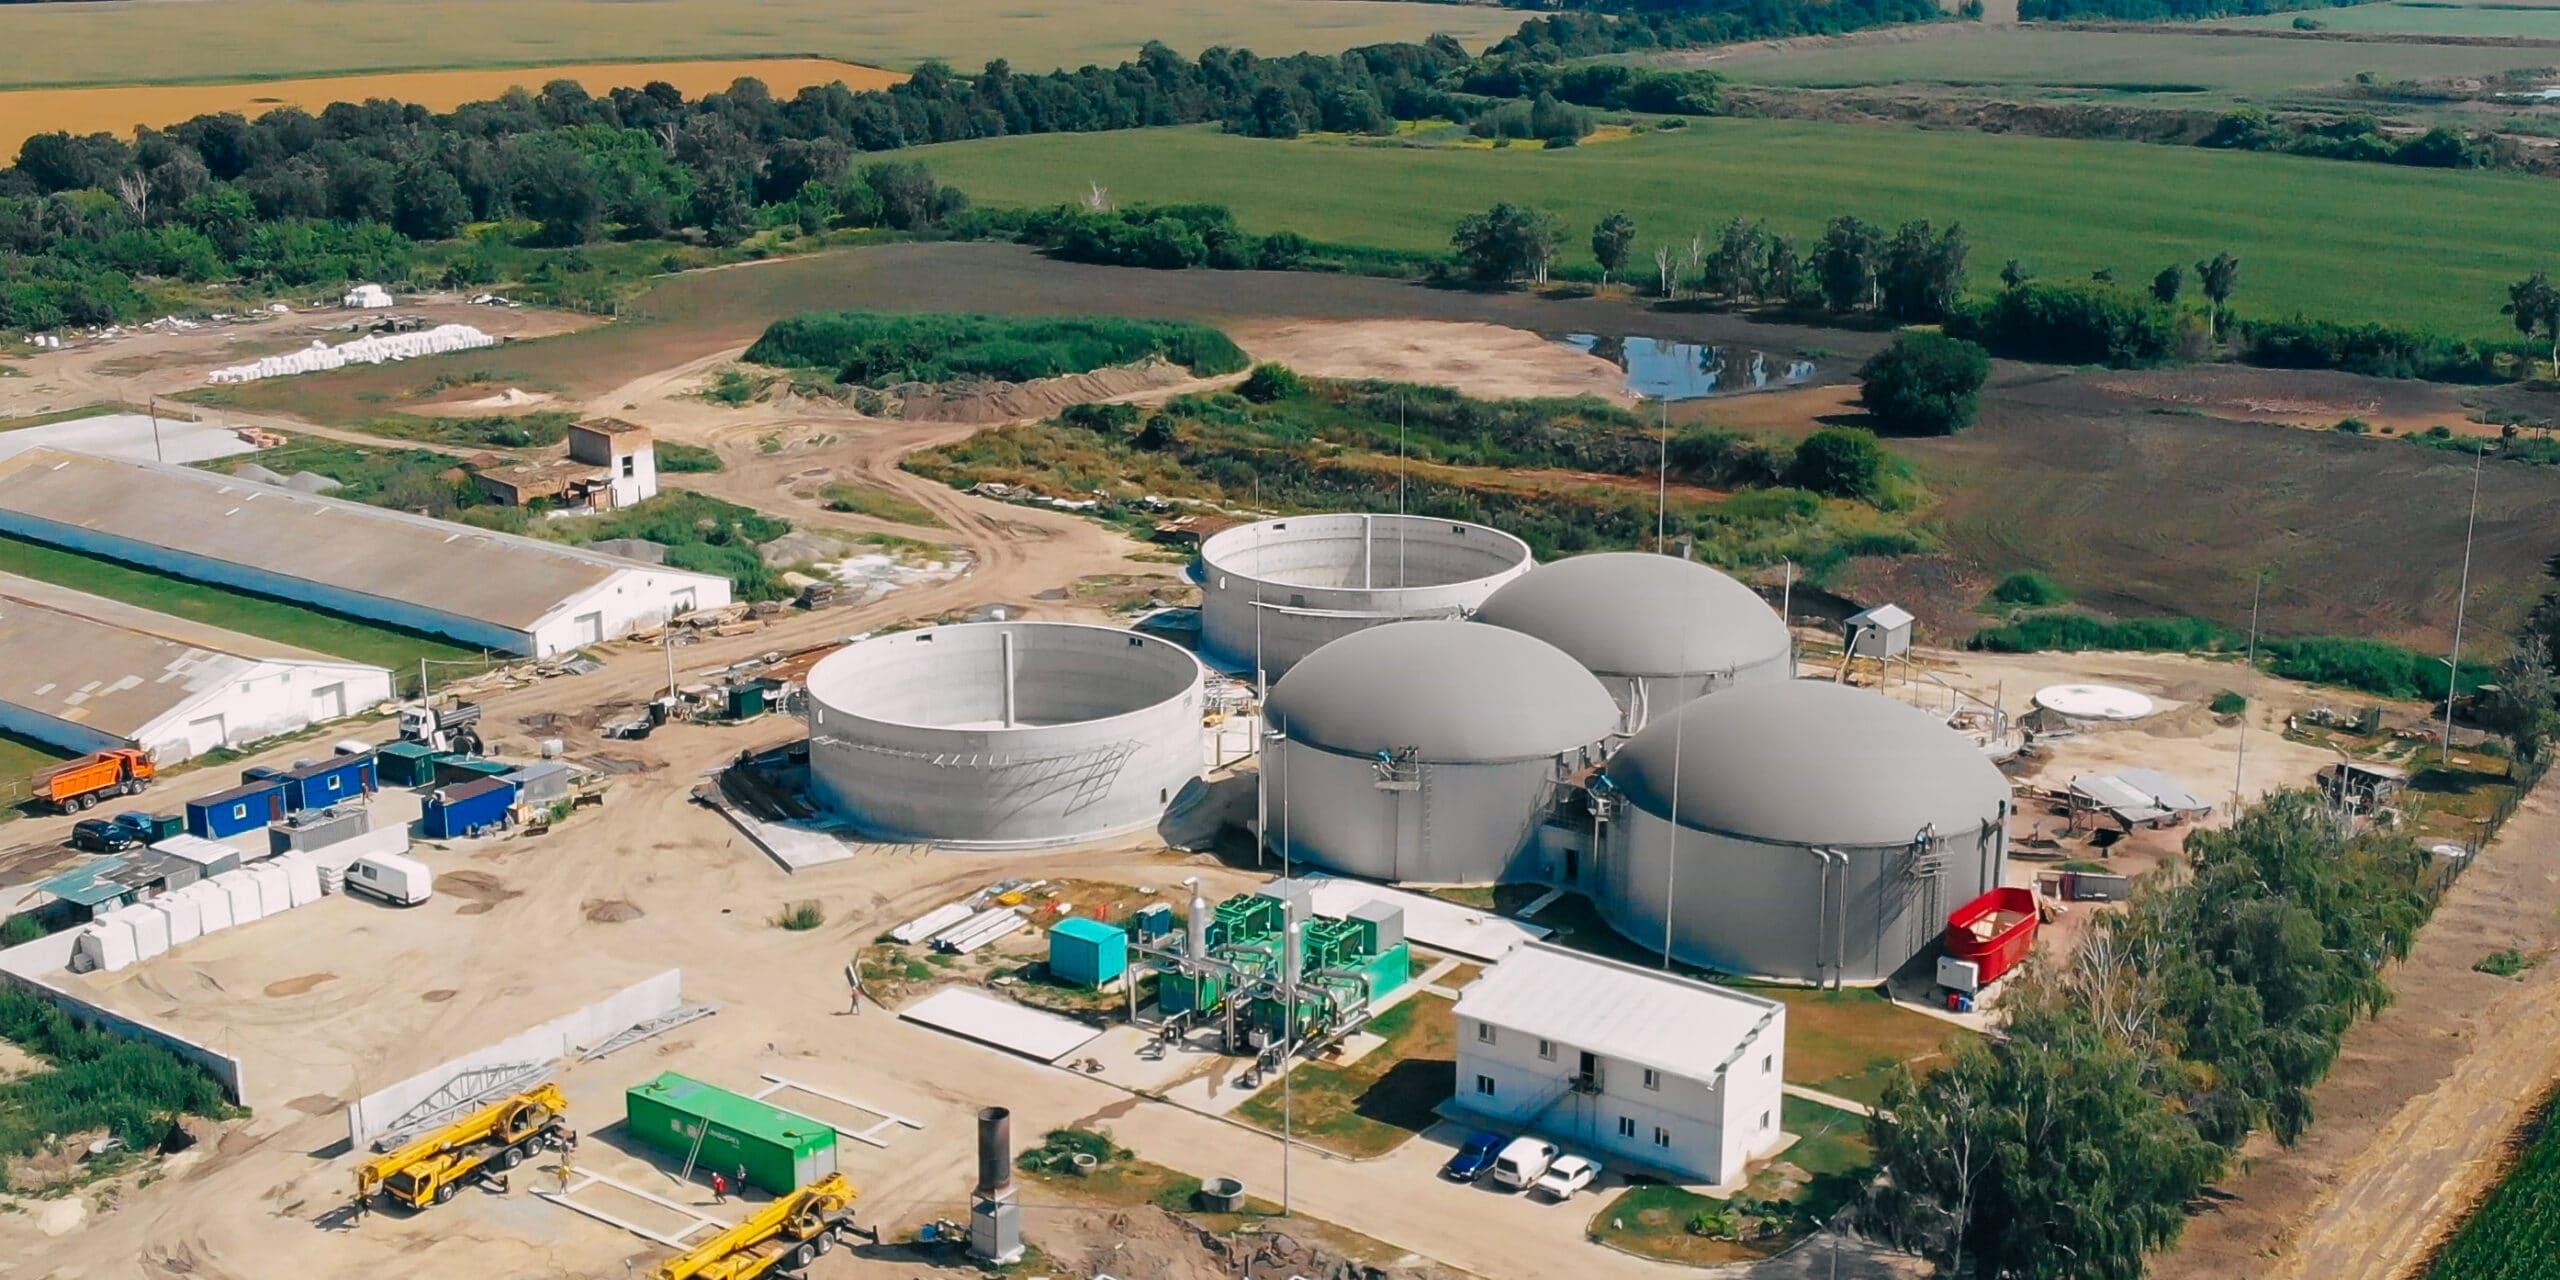 Альтернативная энергетика, как стратегия развития агрохолдинга